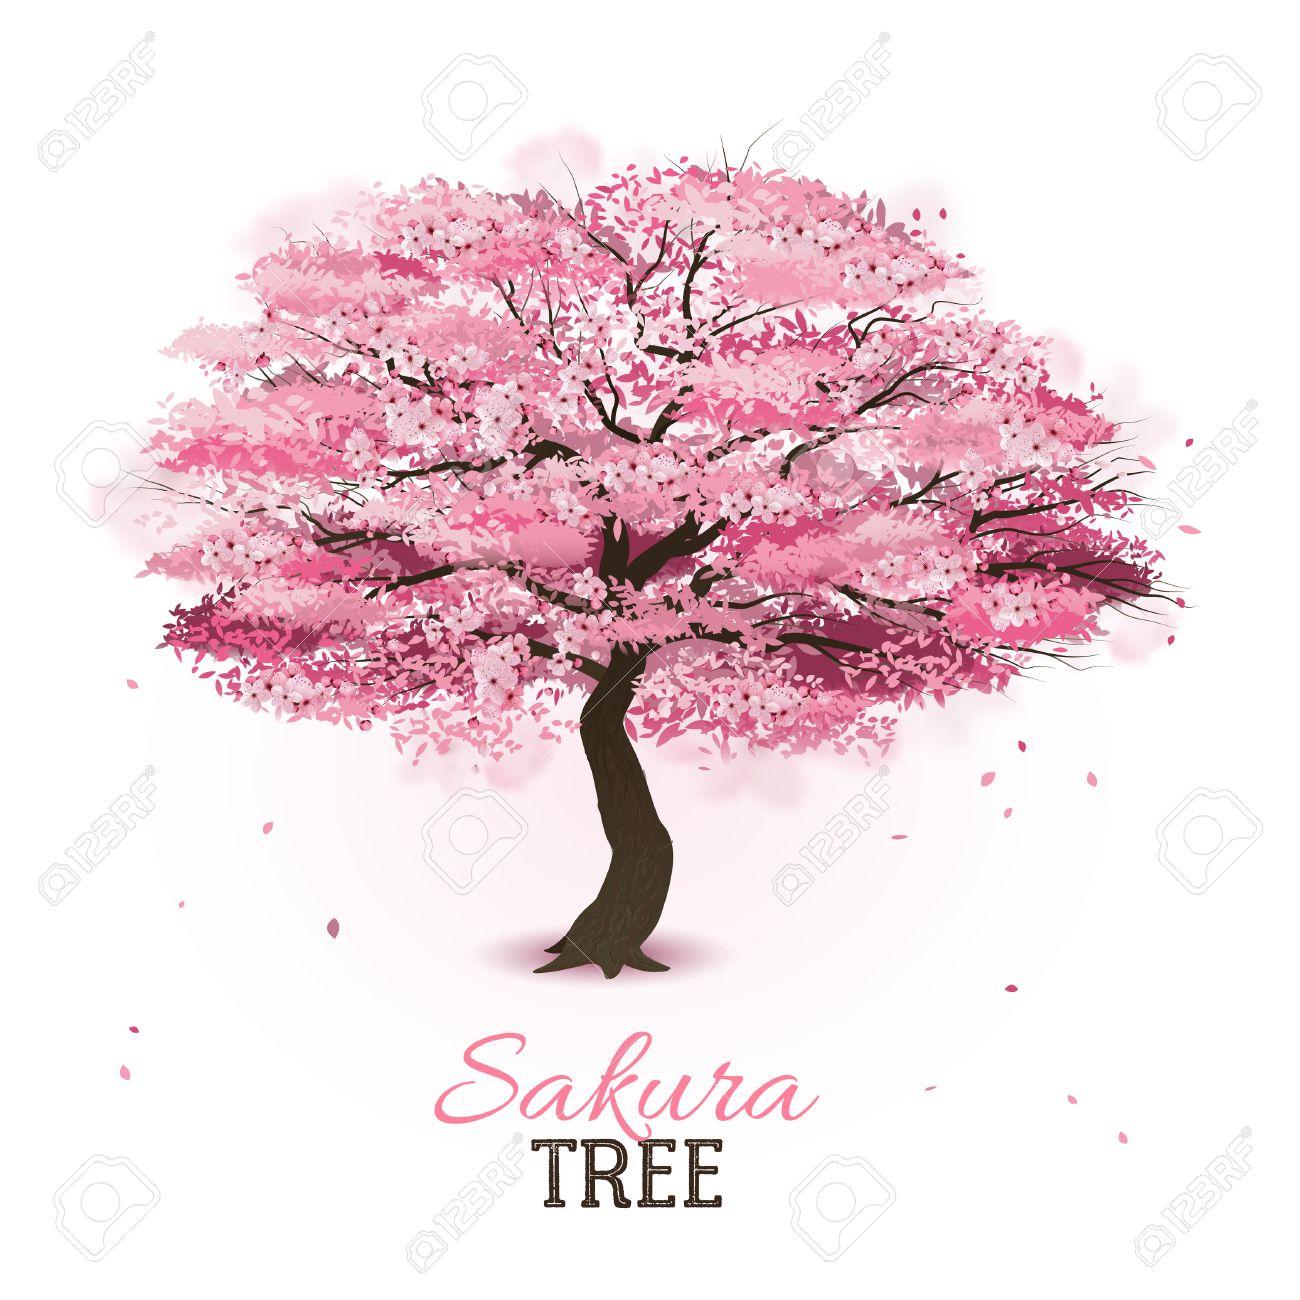 Arbol De Cerezo Japones realista de primavera de flores de color rosa cereza japonés sakura árbol  de ilustración vectorial